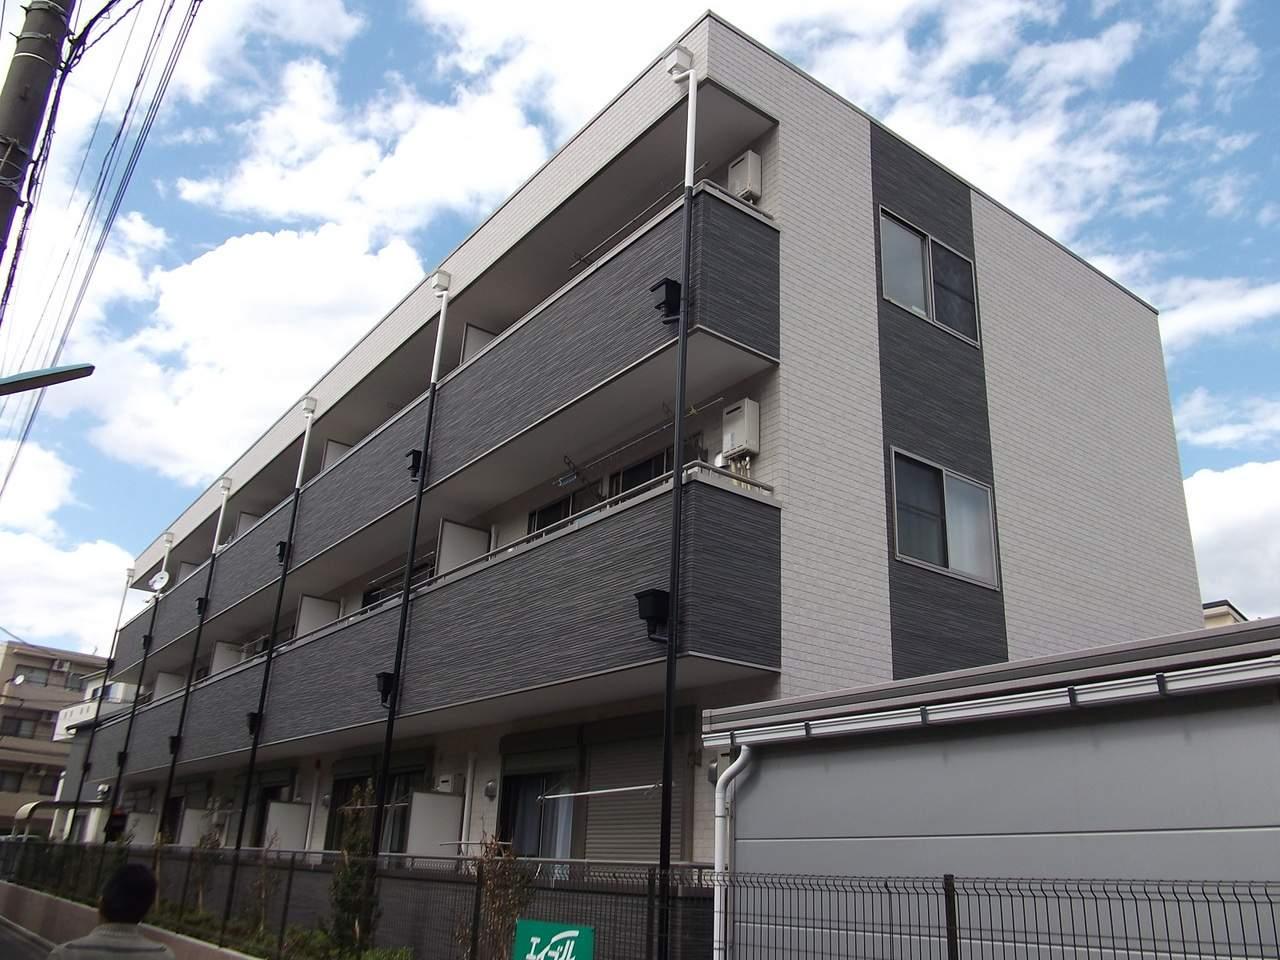 埼玉県蕨市、蕨駅徒歩17分の築7年 3階建の賃貸アパート